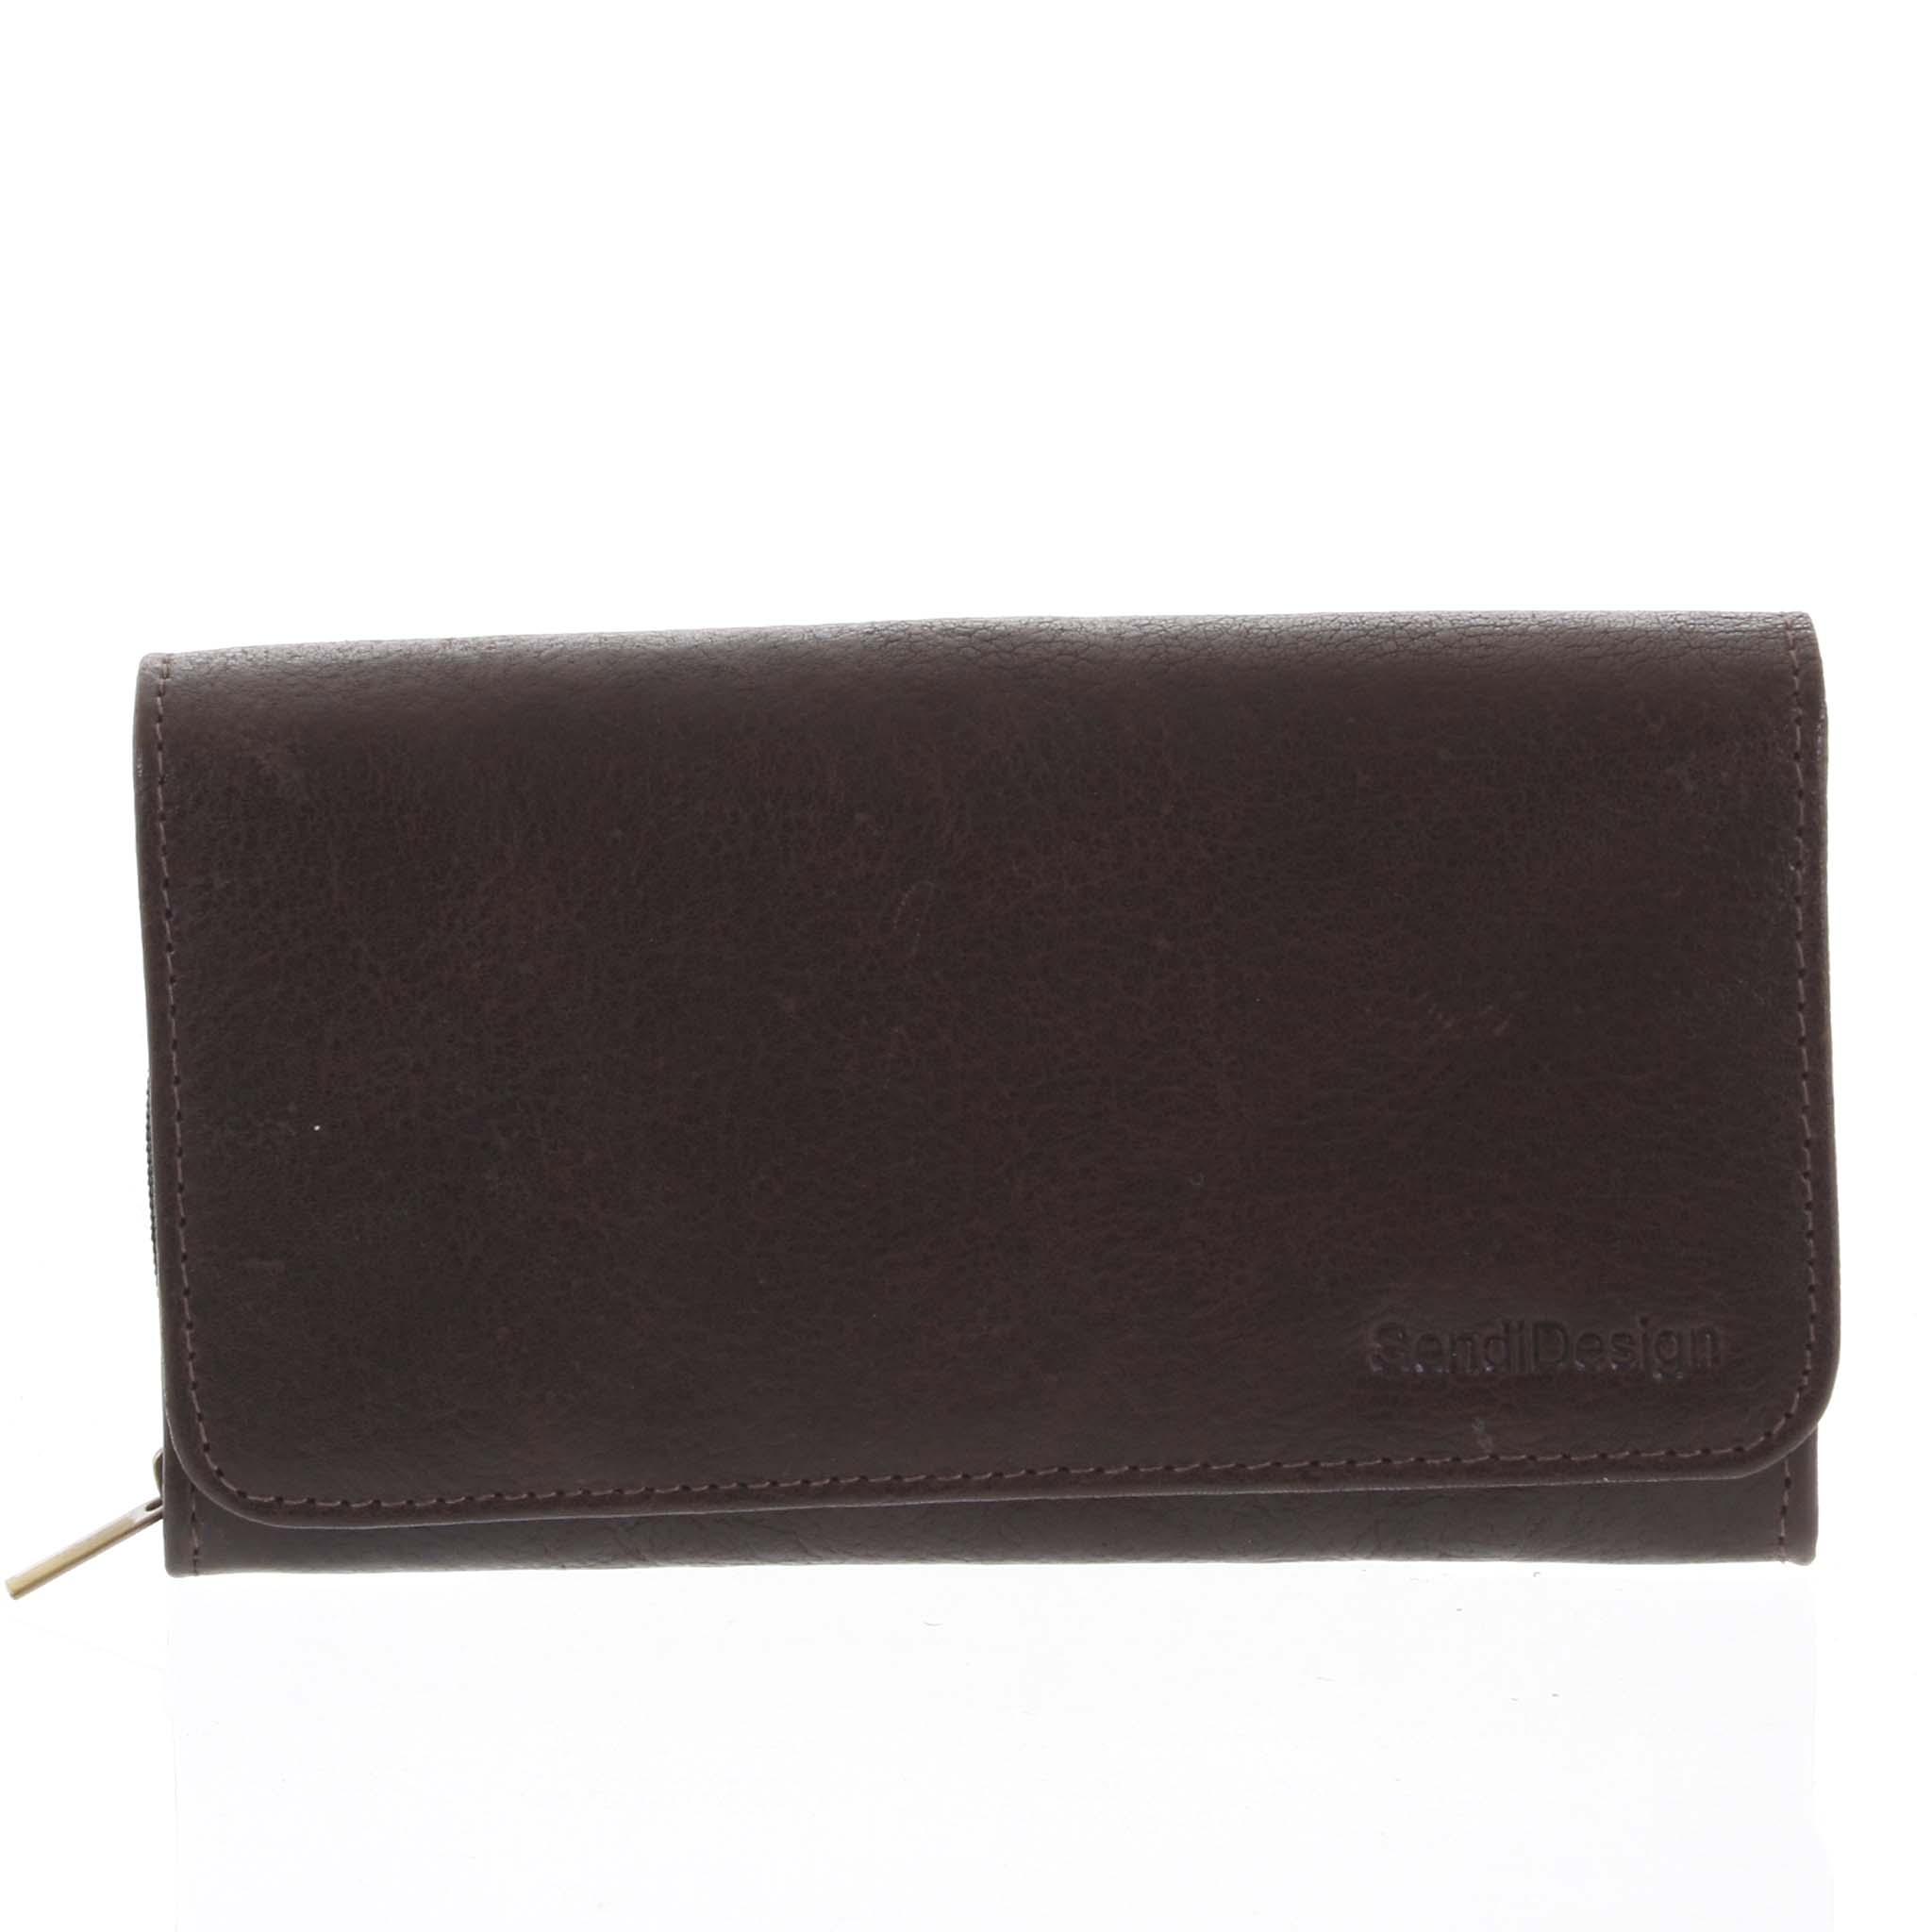 Dámská kožená peněženka tmavě hnědá - SendiDesign Really